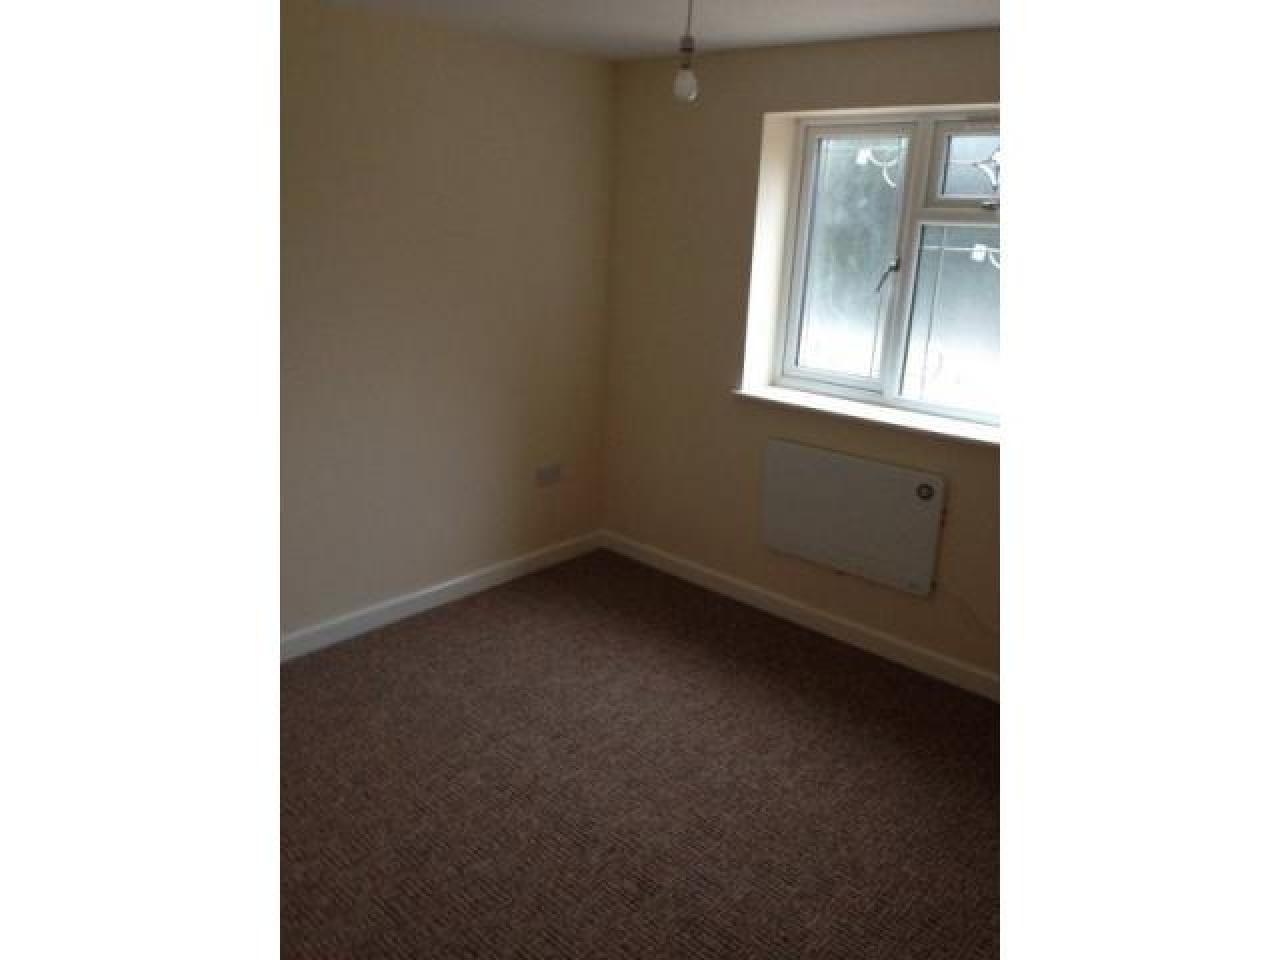 Сдаём 1-комнатную квартиру/студио, только после ремонта - 3